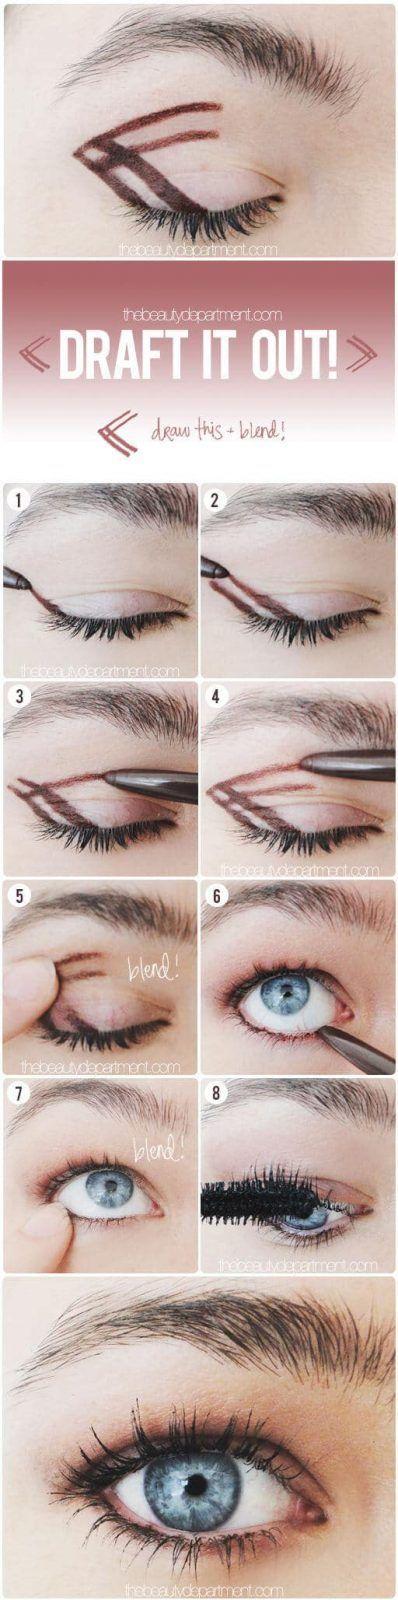 Einfache Schönheitstipps für perfekte smokey eyes